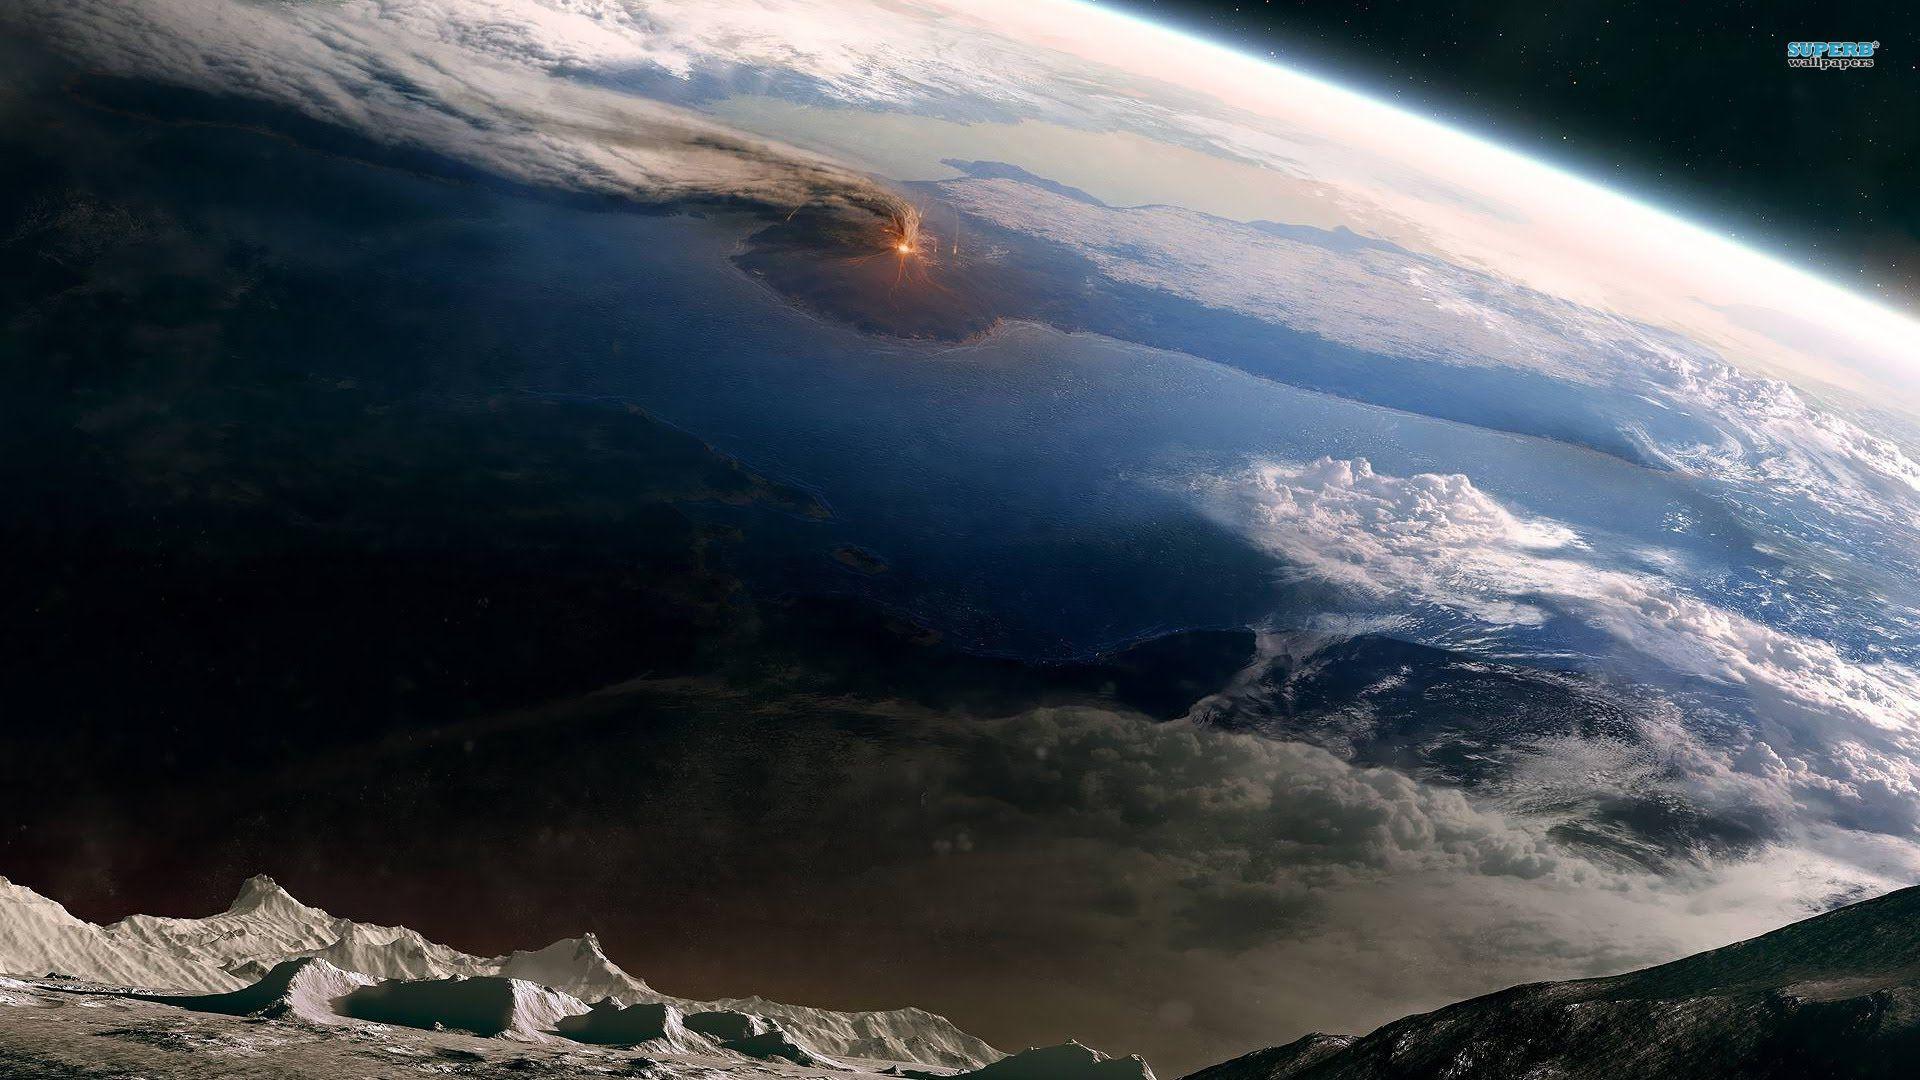 Facts Krakatoa' Volcano 1883 Eruption. Eruption Of Krakatoa In Dutch East